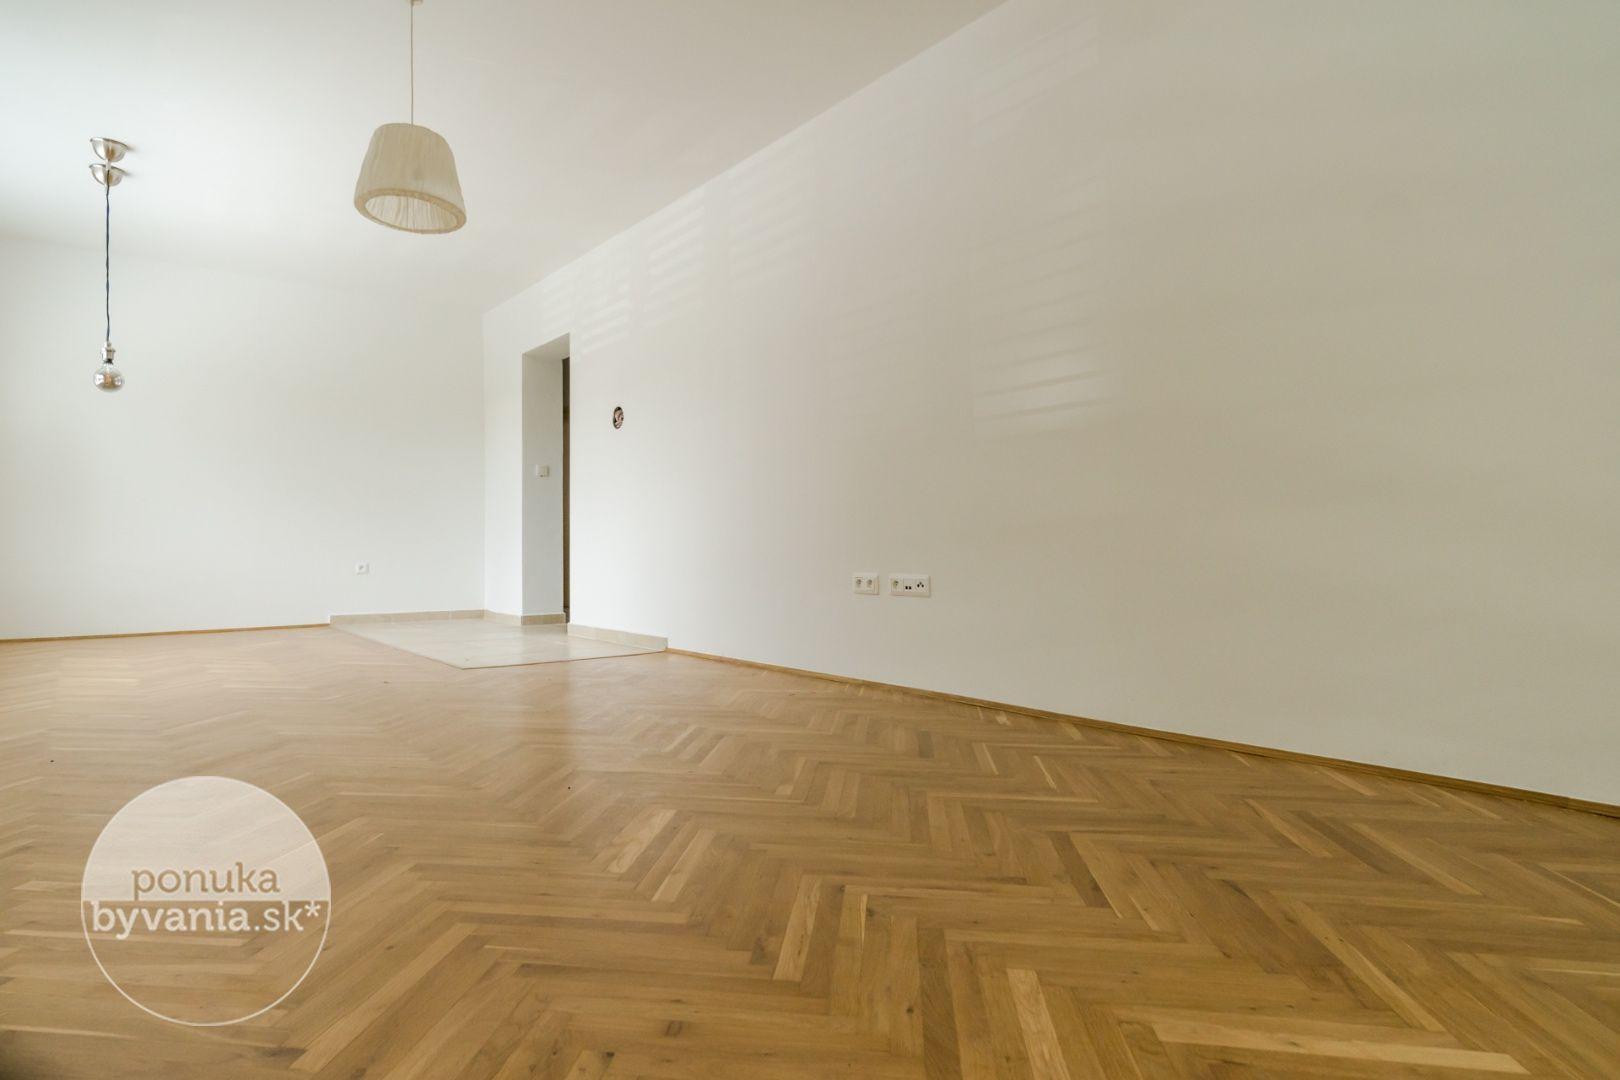 ponukabyvania.sk_Sokolská_3-izbový-byt_BEREC